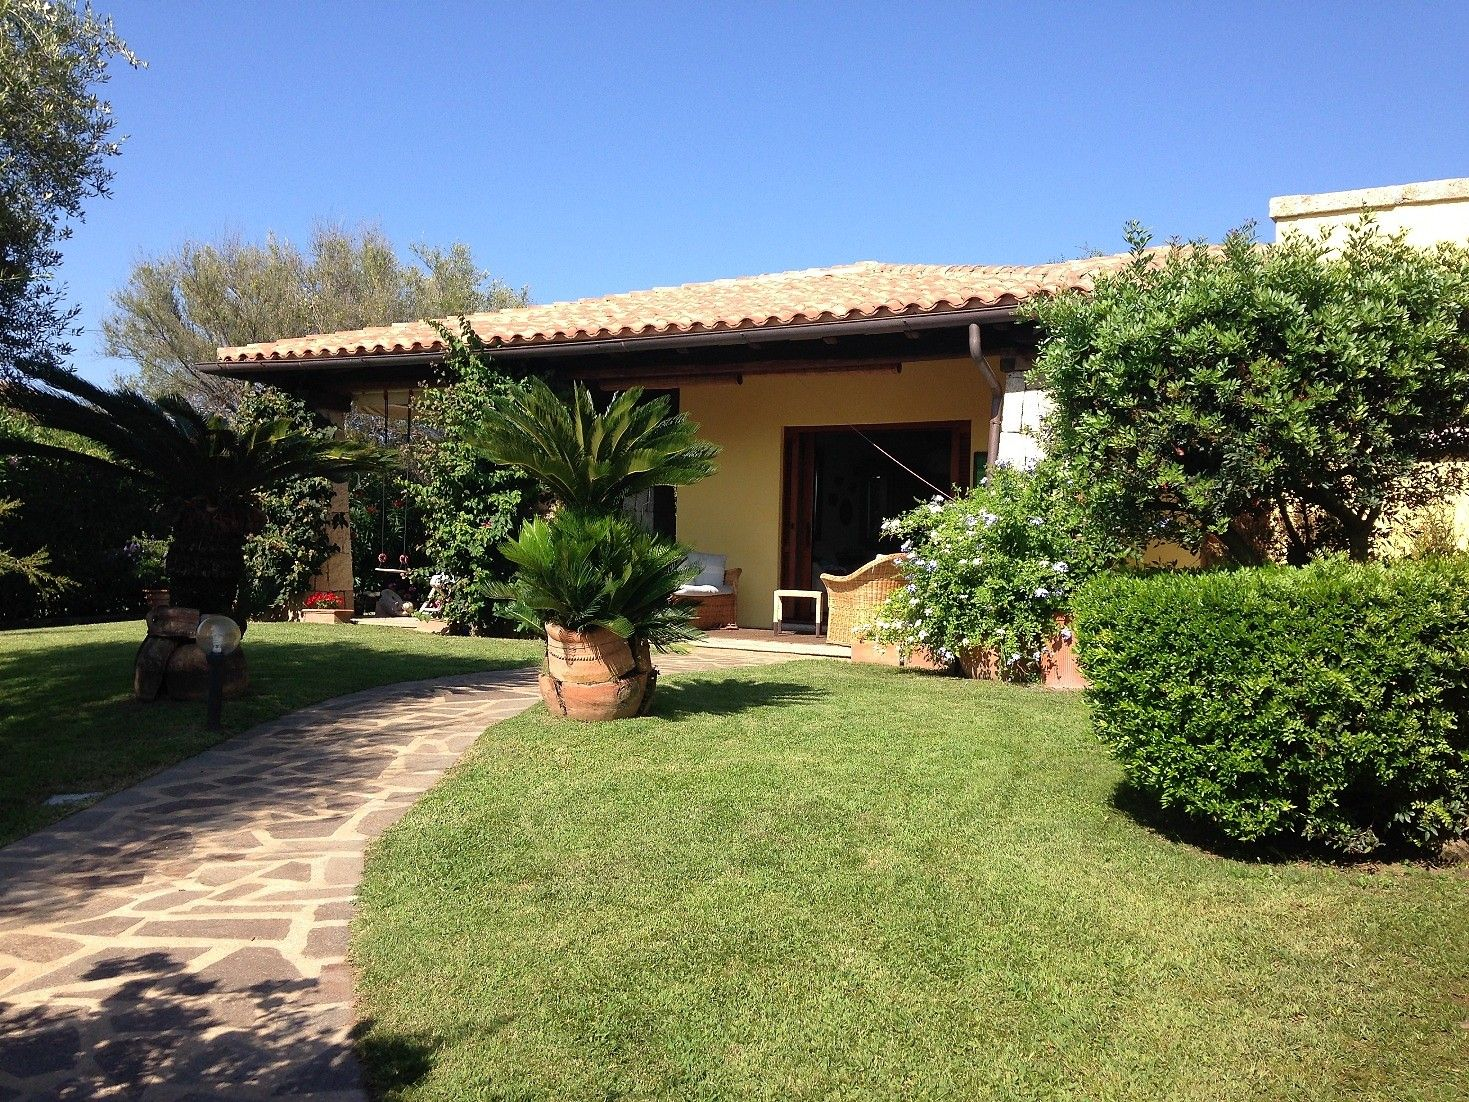 Villa en Salina Bamba, Cerdeña, Italia